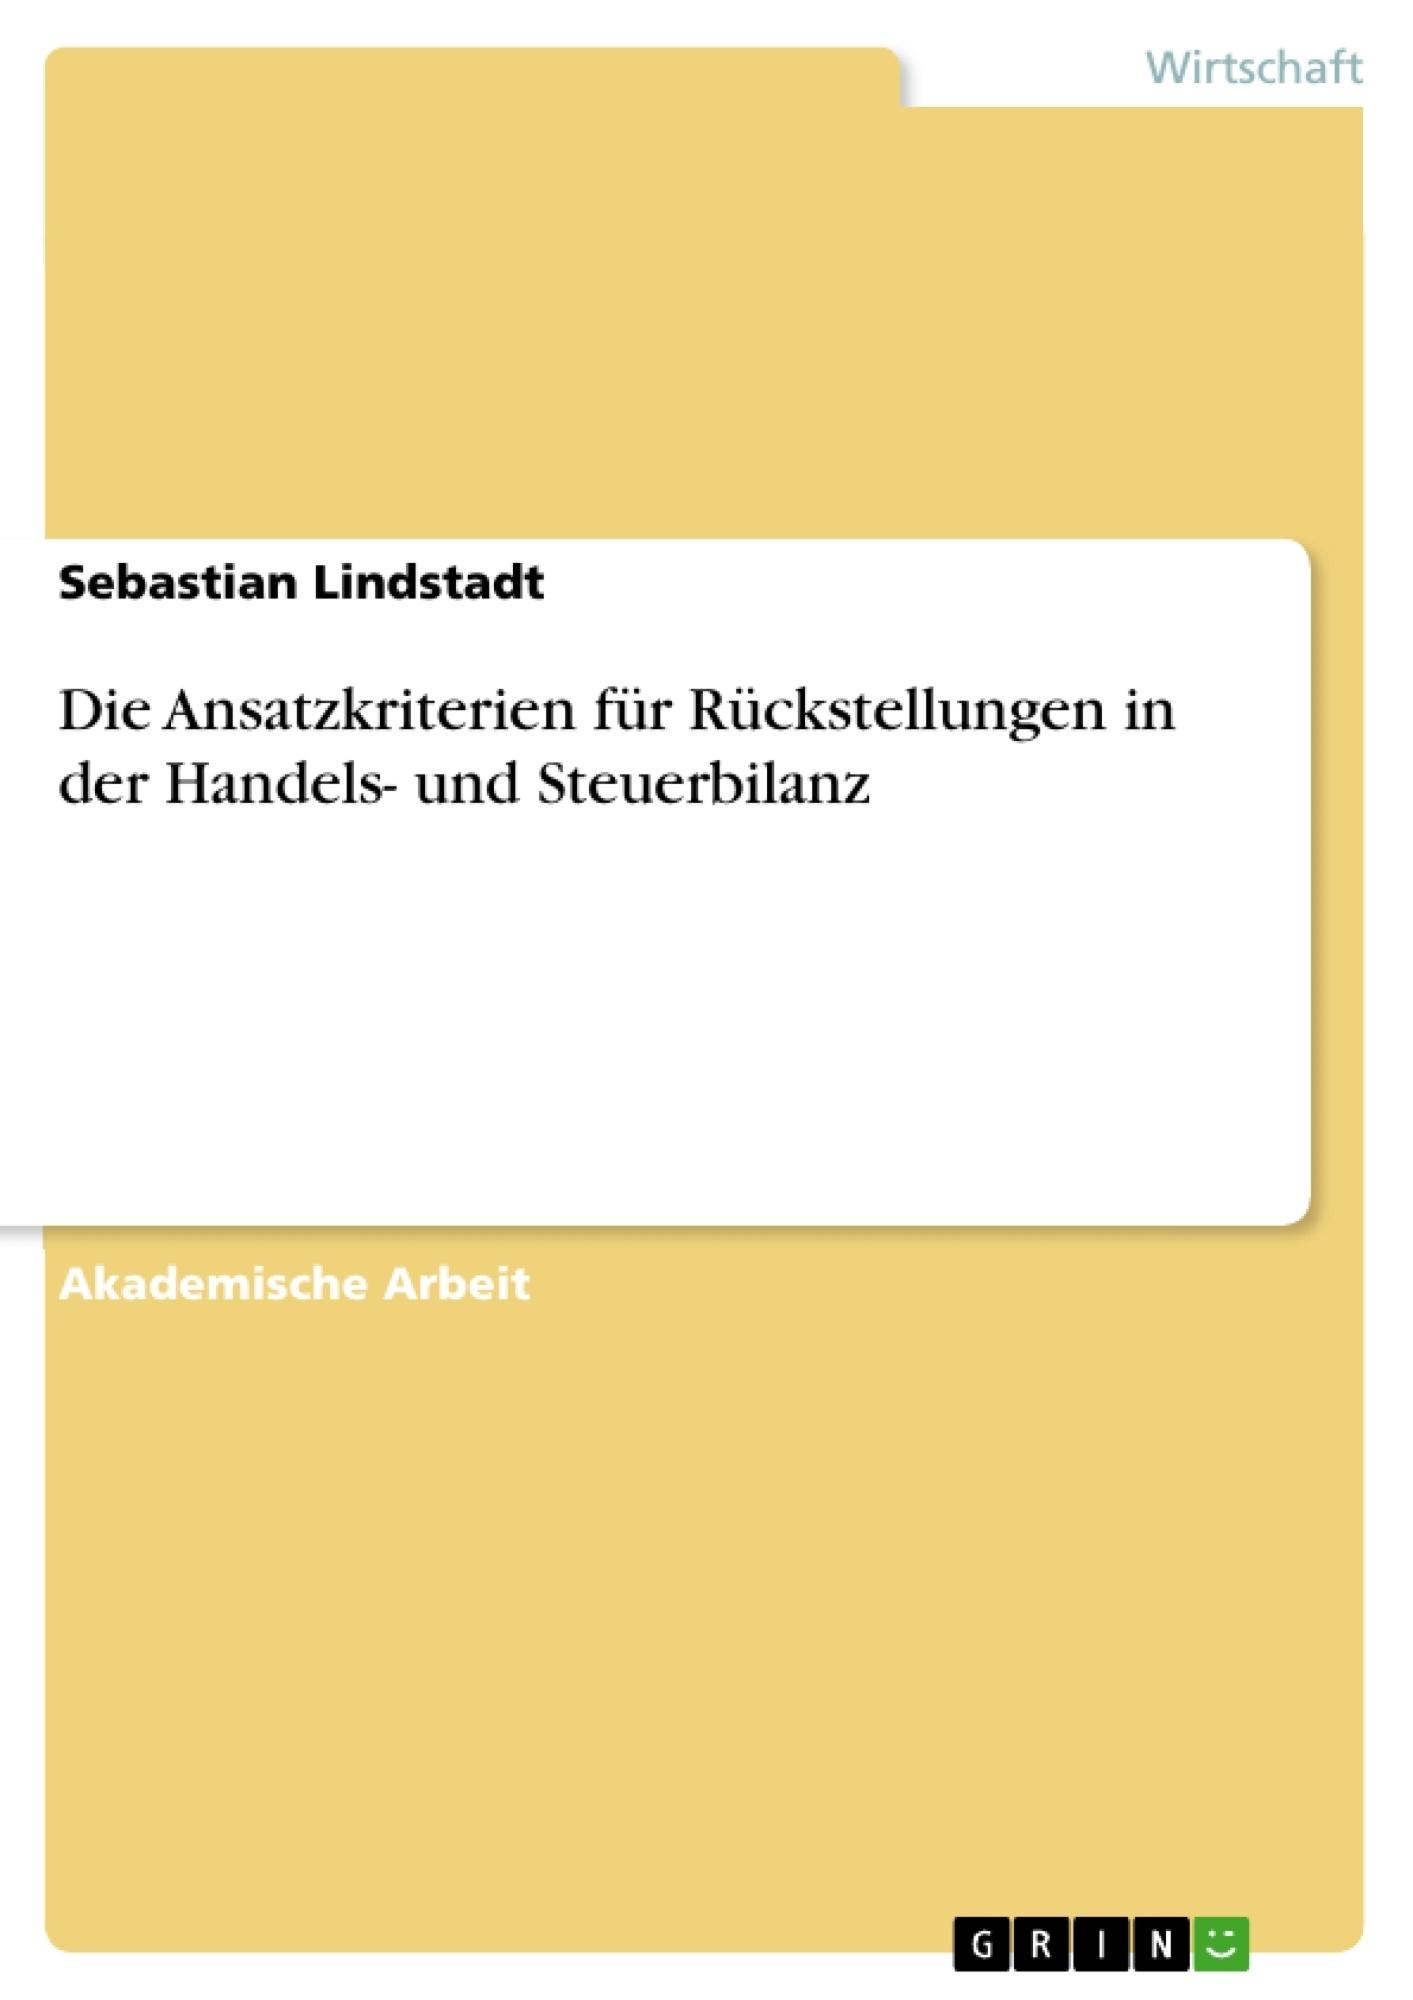 Titel: Die Ansatzkriterien für Rückstellungen in der Handels- und Steuerbilanz